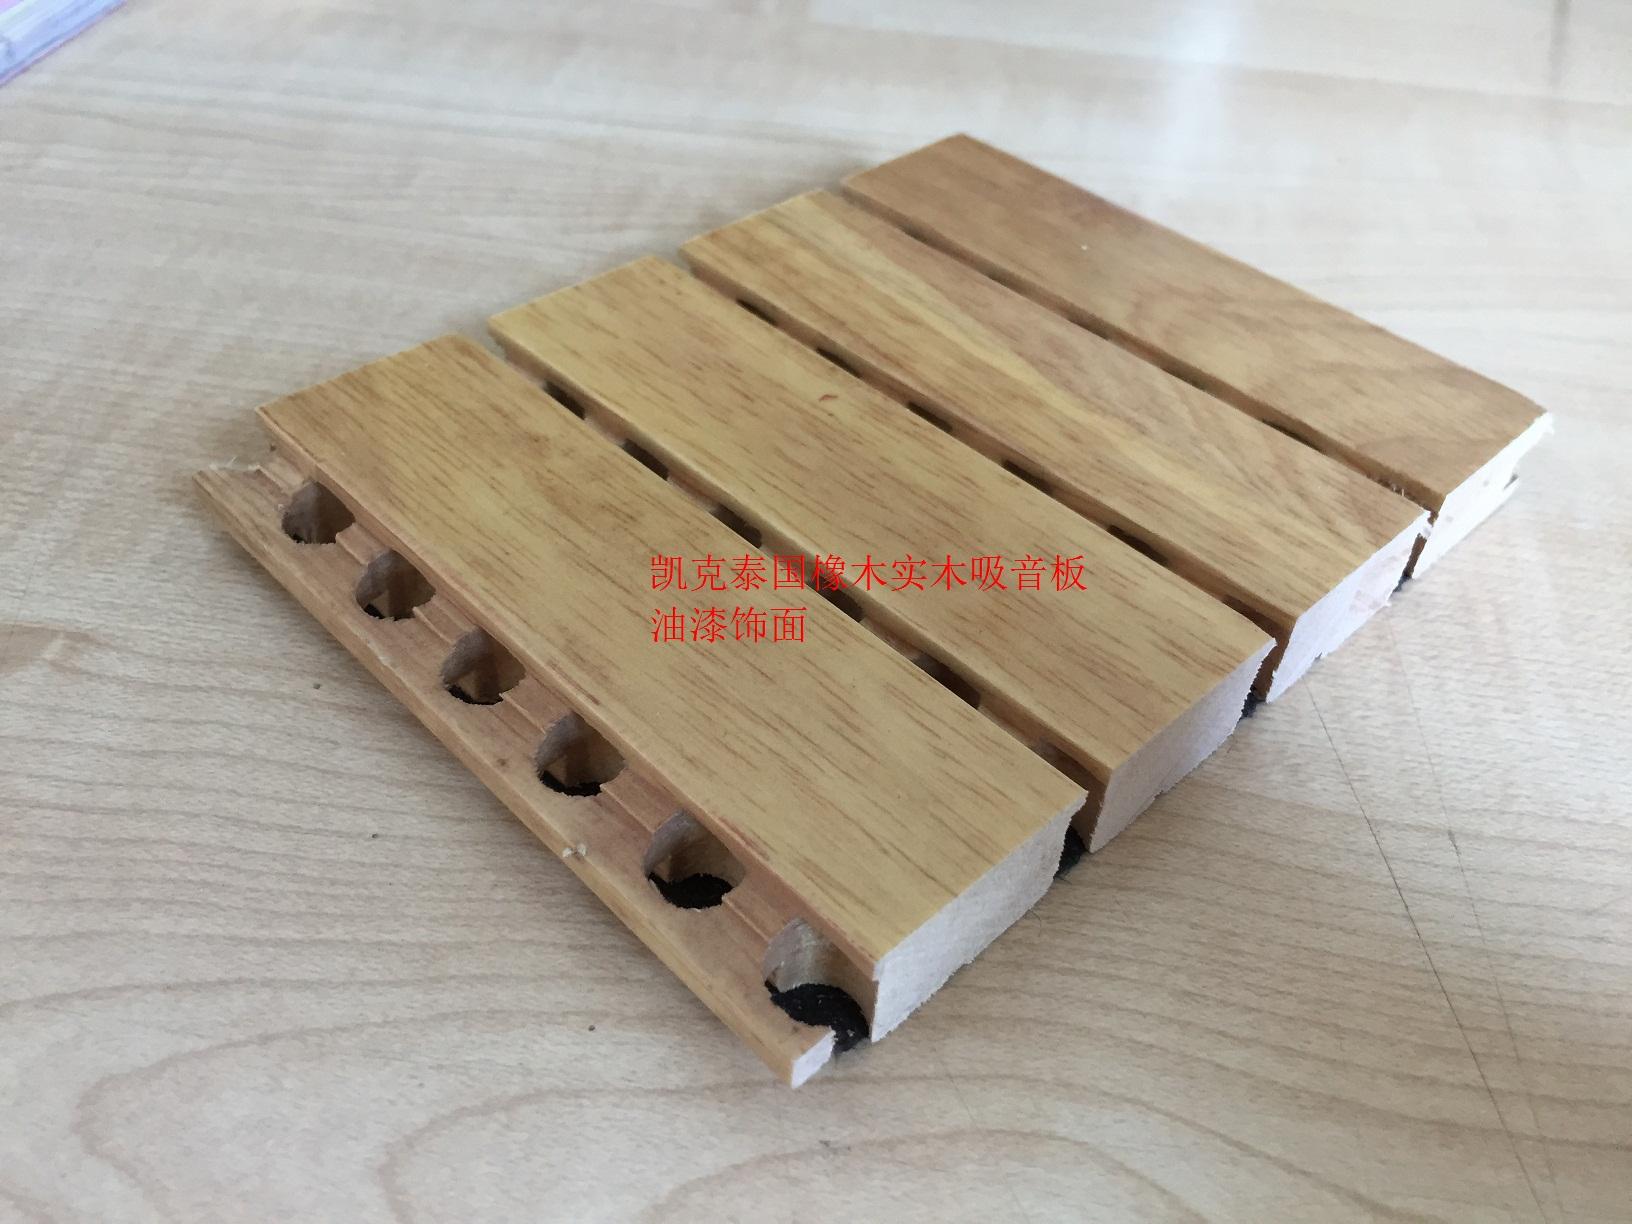 E1環保吸音板/木質穿孔吸音板